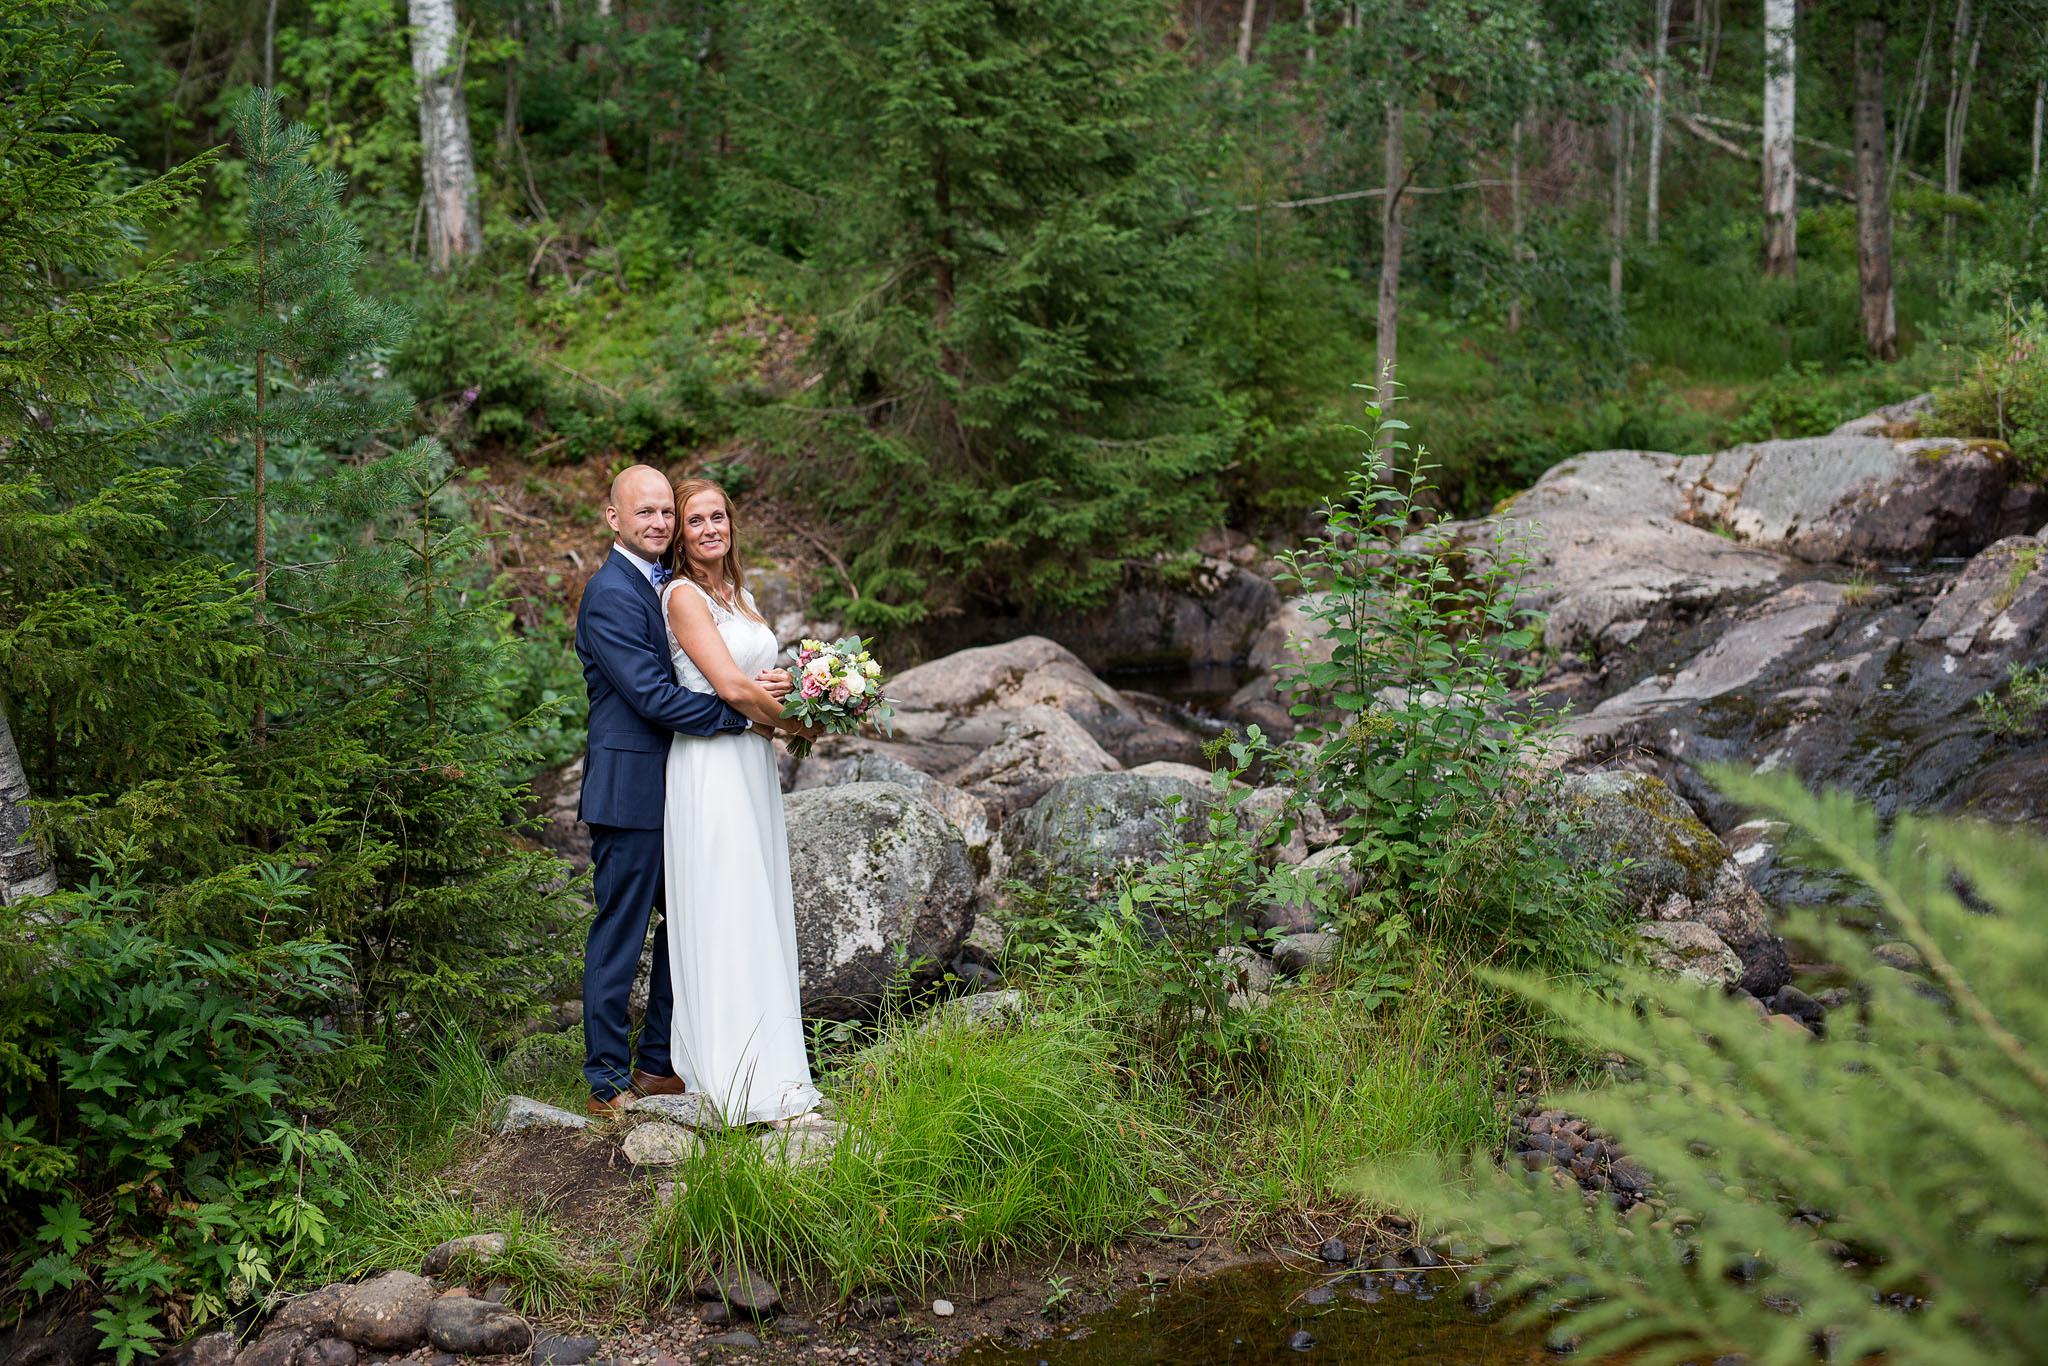 Fotograf_hudiksvall_sundsvall_söderhamn_delsbo_järvsö_ljusdal_bollnäs_sabina_wixner_gravid_nyfödd_12.jpg